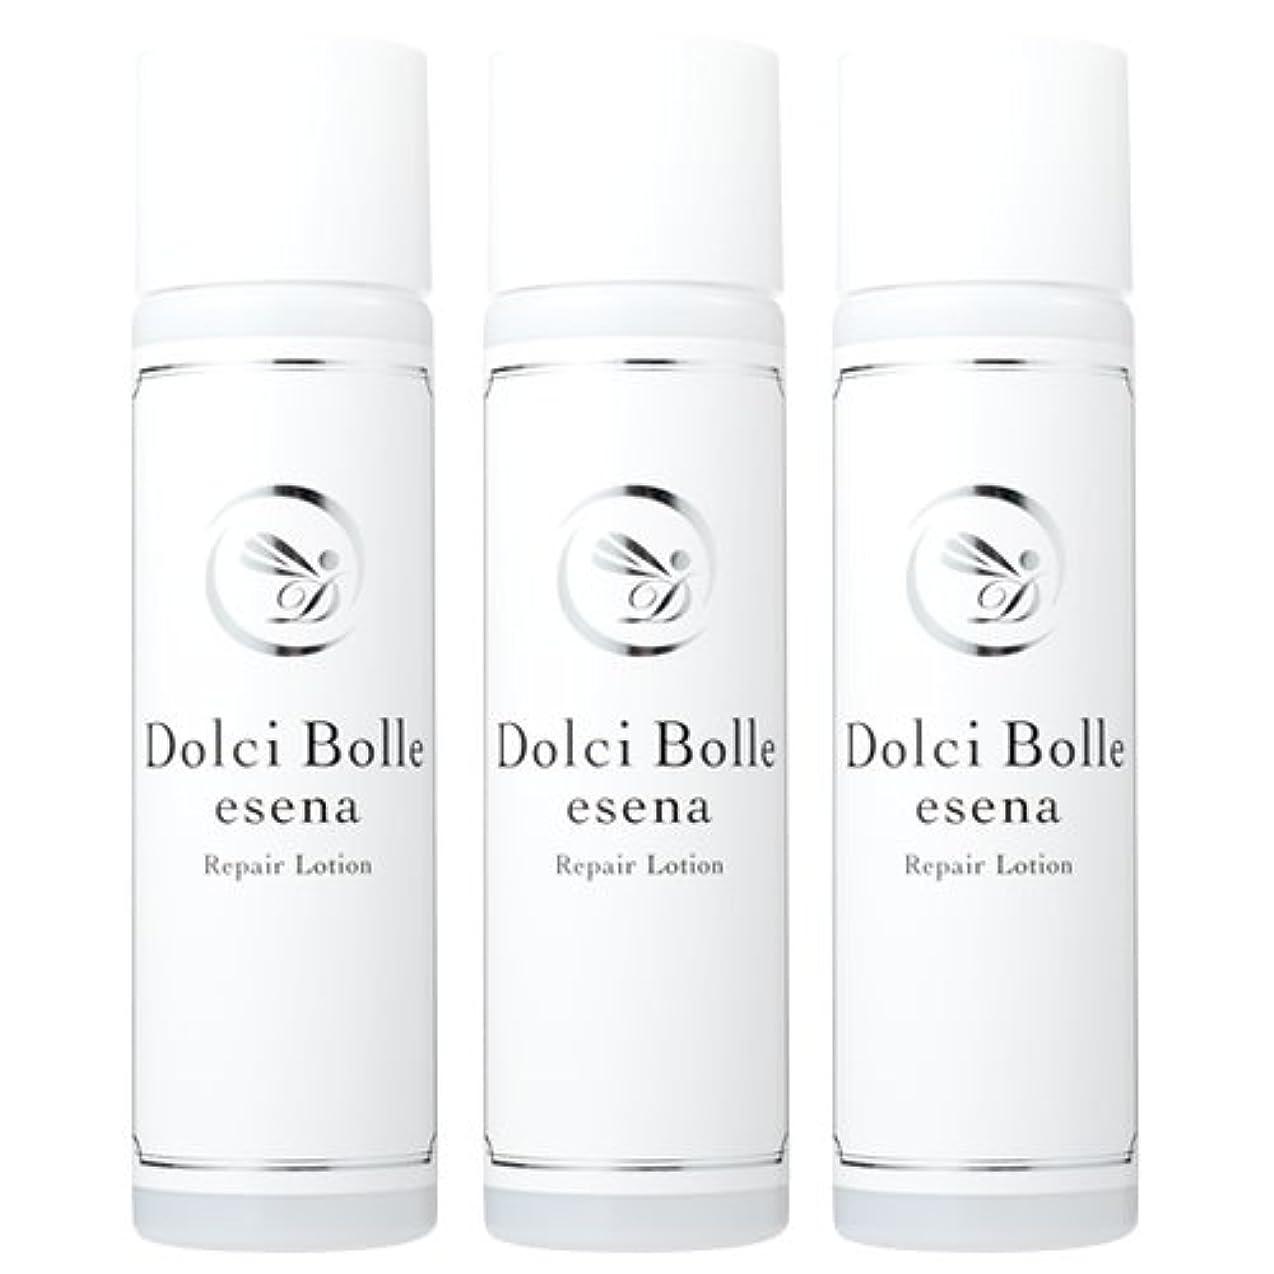 ラリーベルモント喉が渇いたラッドヤードキップリングDolci Bolle(ドルチボーレ) esena(エセナ) リペアローション 150ml 3本セット